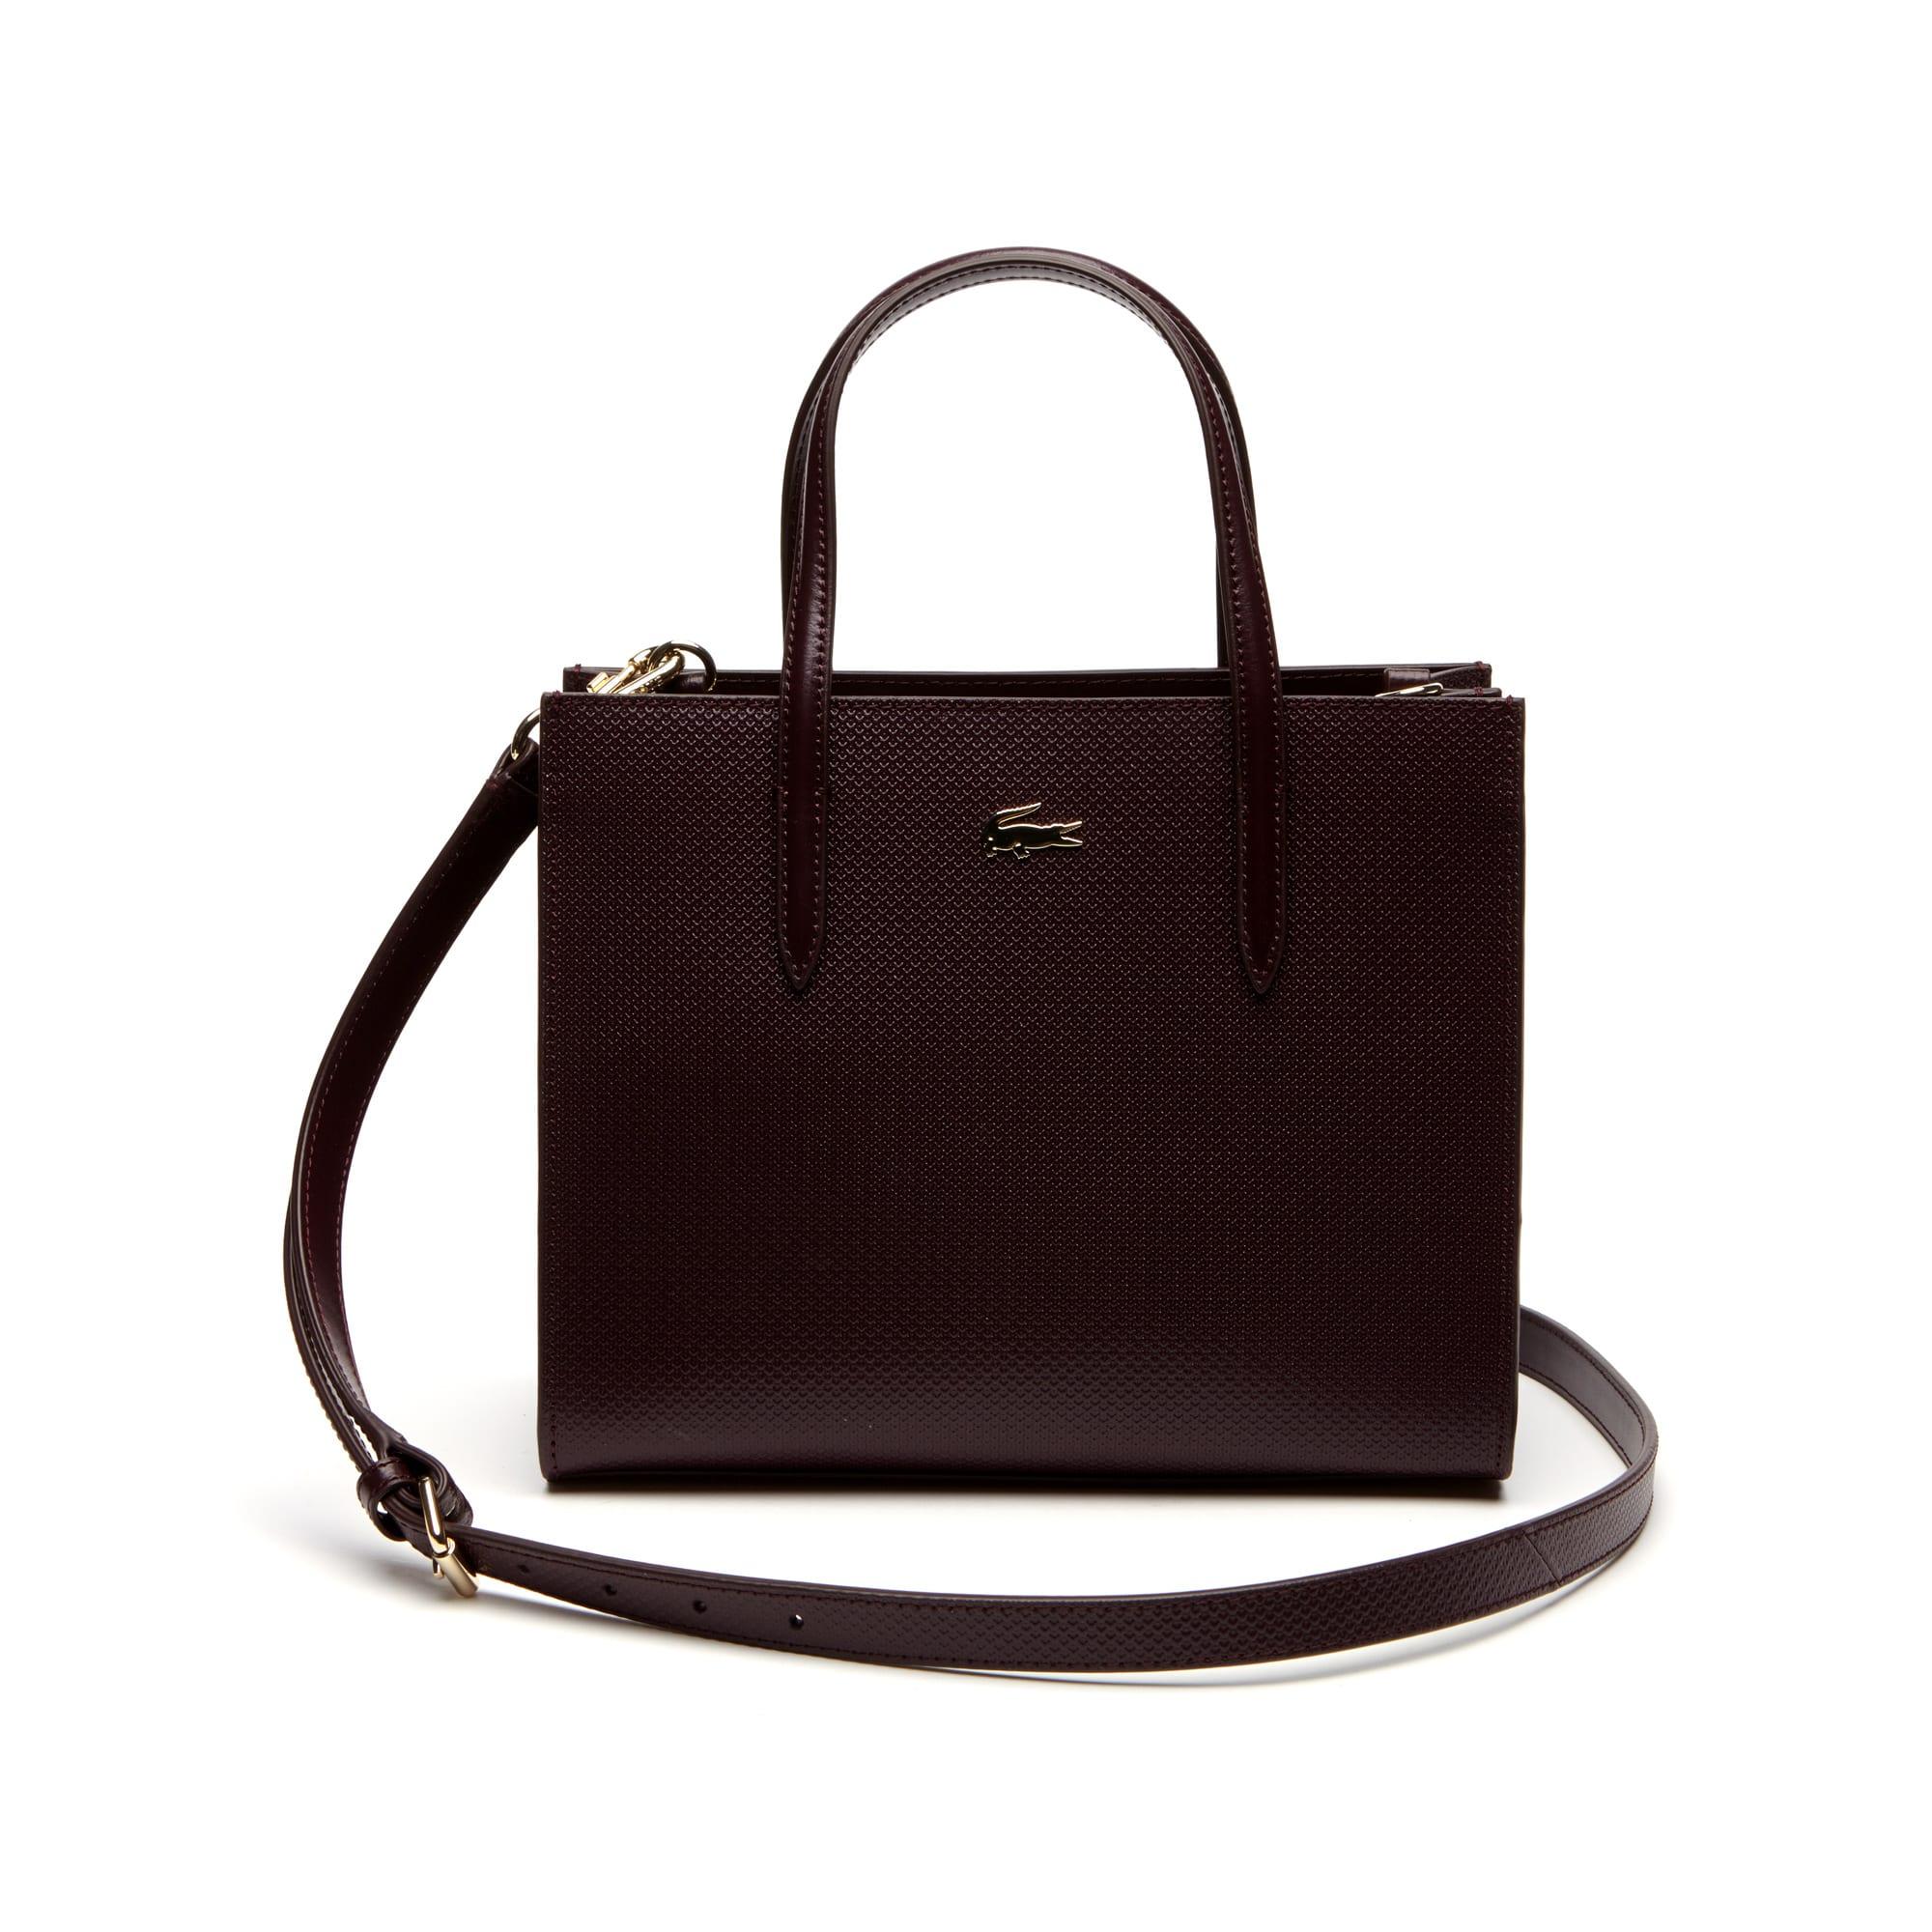 حقيبة نسائية صغيرة من مجموعة Chantaco من جلد البيكيه تحمل على اليد أو على الكتف